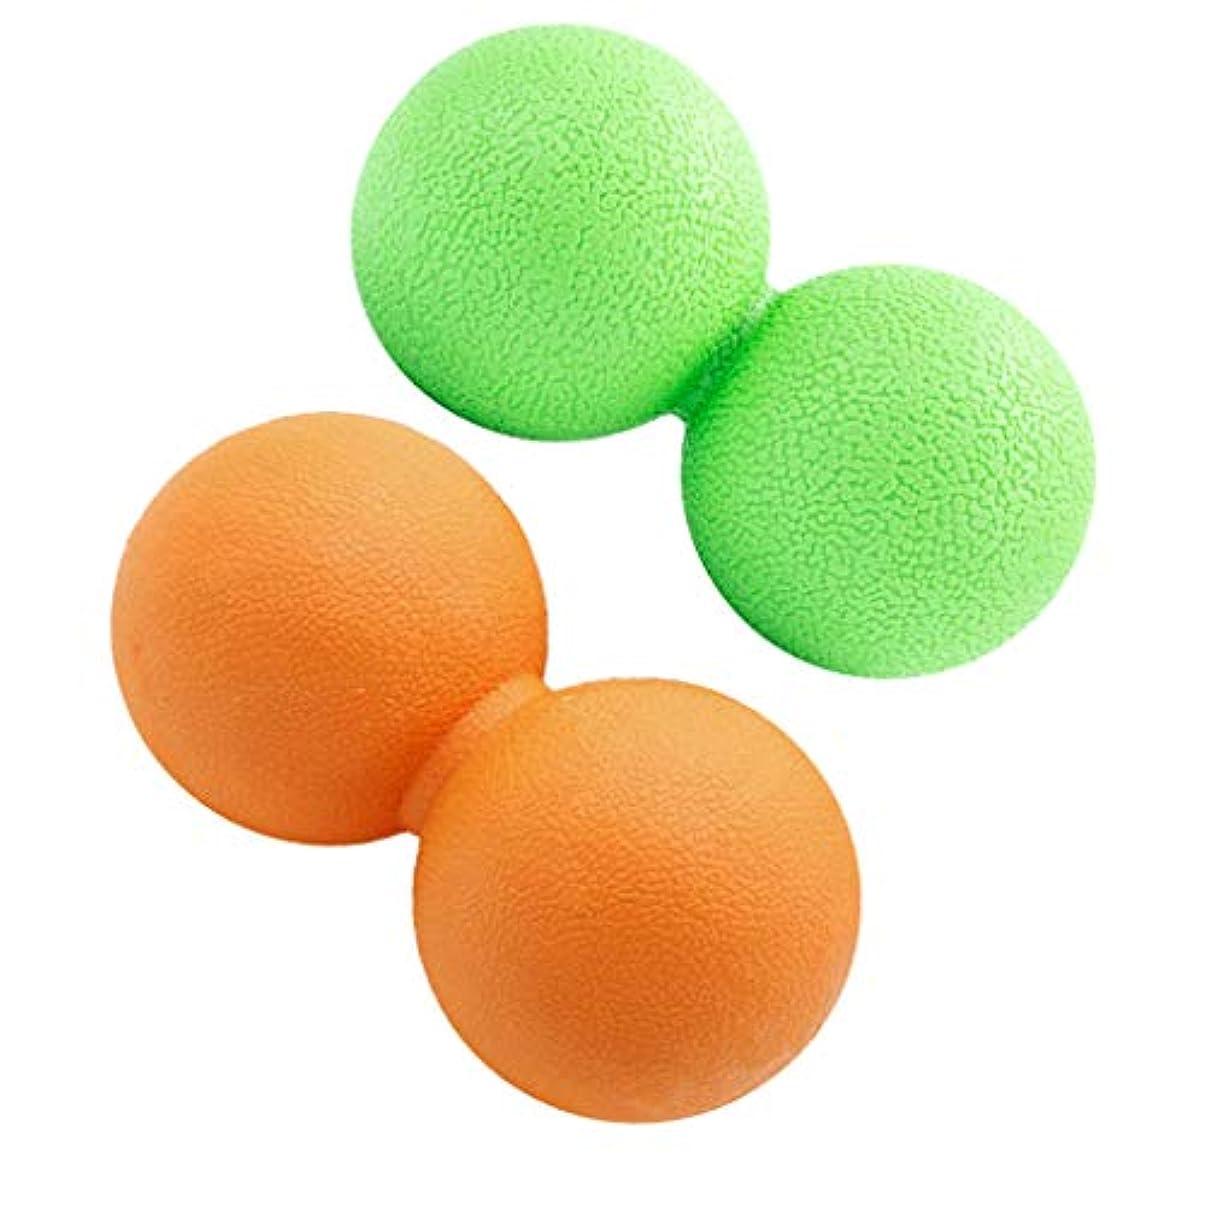 熱心なロビー現代KESOTO 2個 マッサージボール ピーナッツ 疲れ解消ボール トリガーポイント 筋膜リリース ツボ押しグッズ